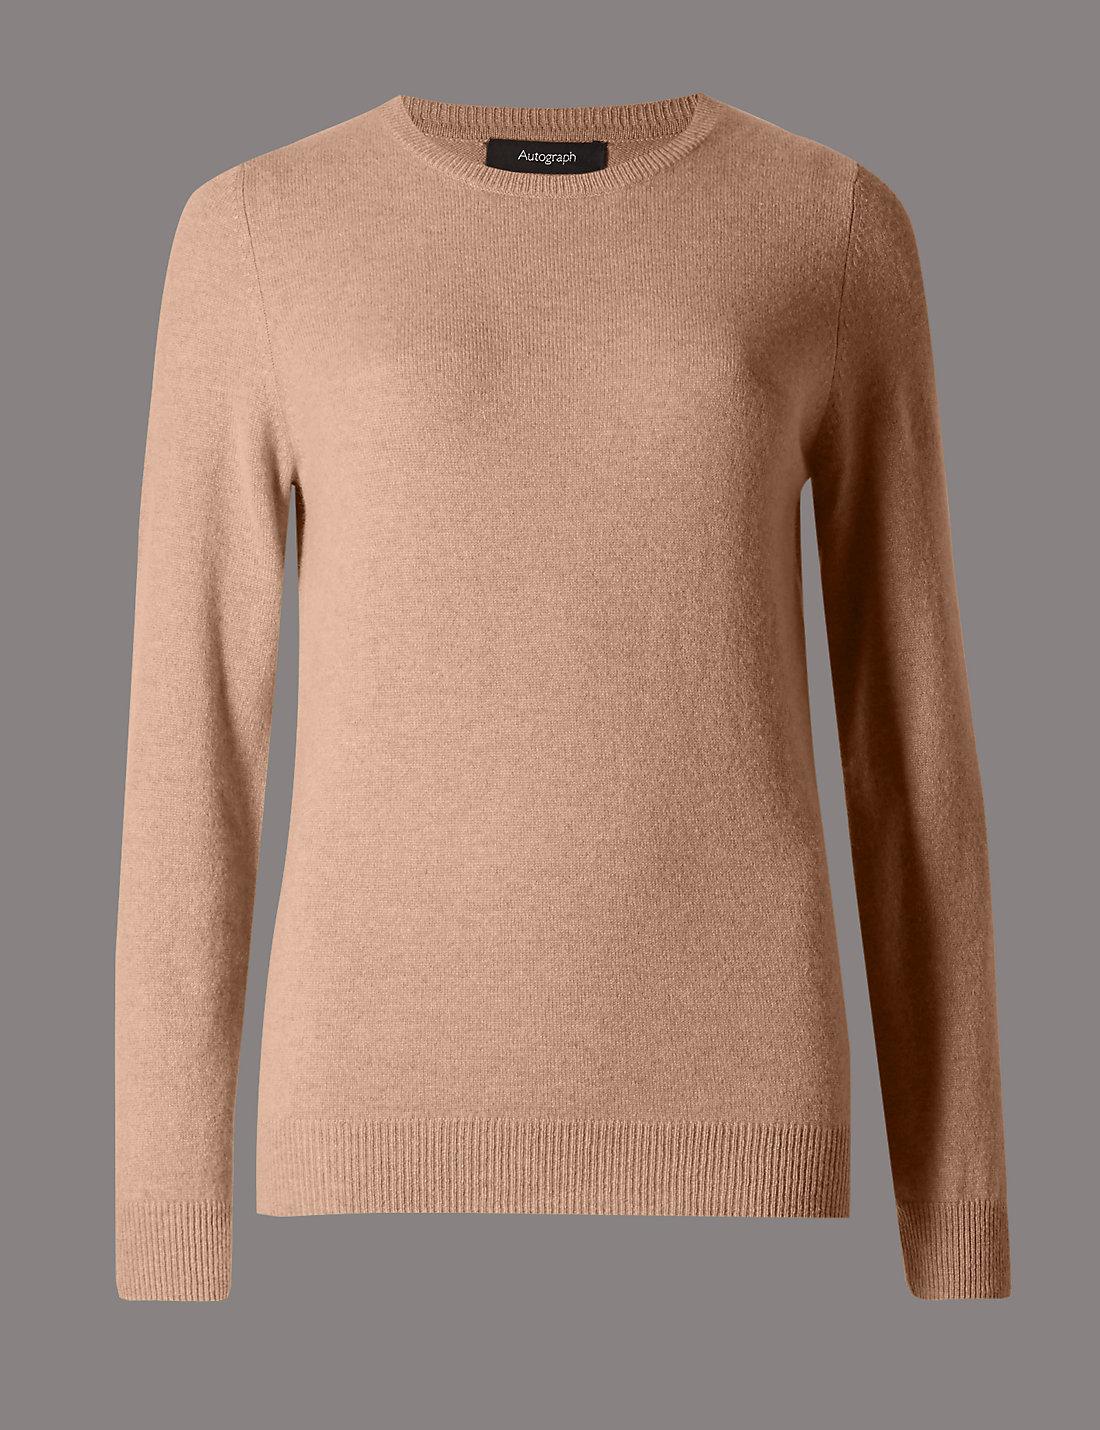 Camel cashmere jumper | M&S